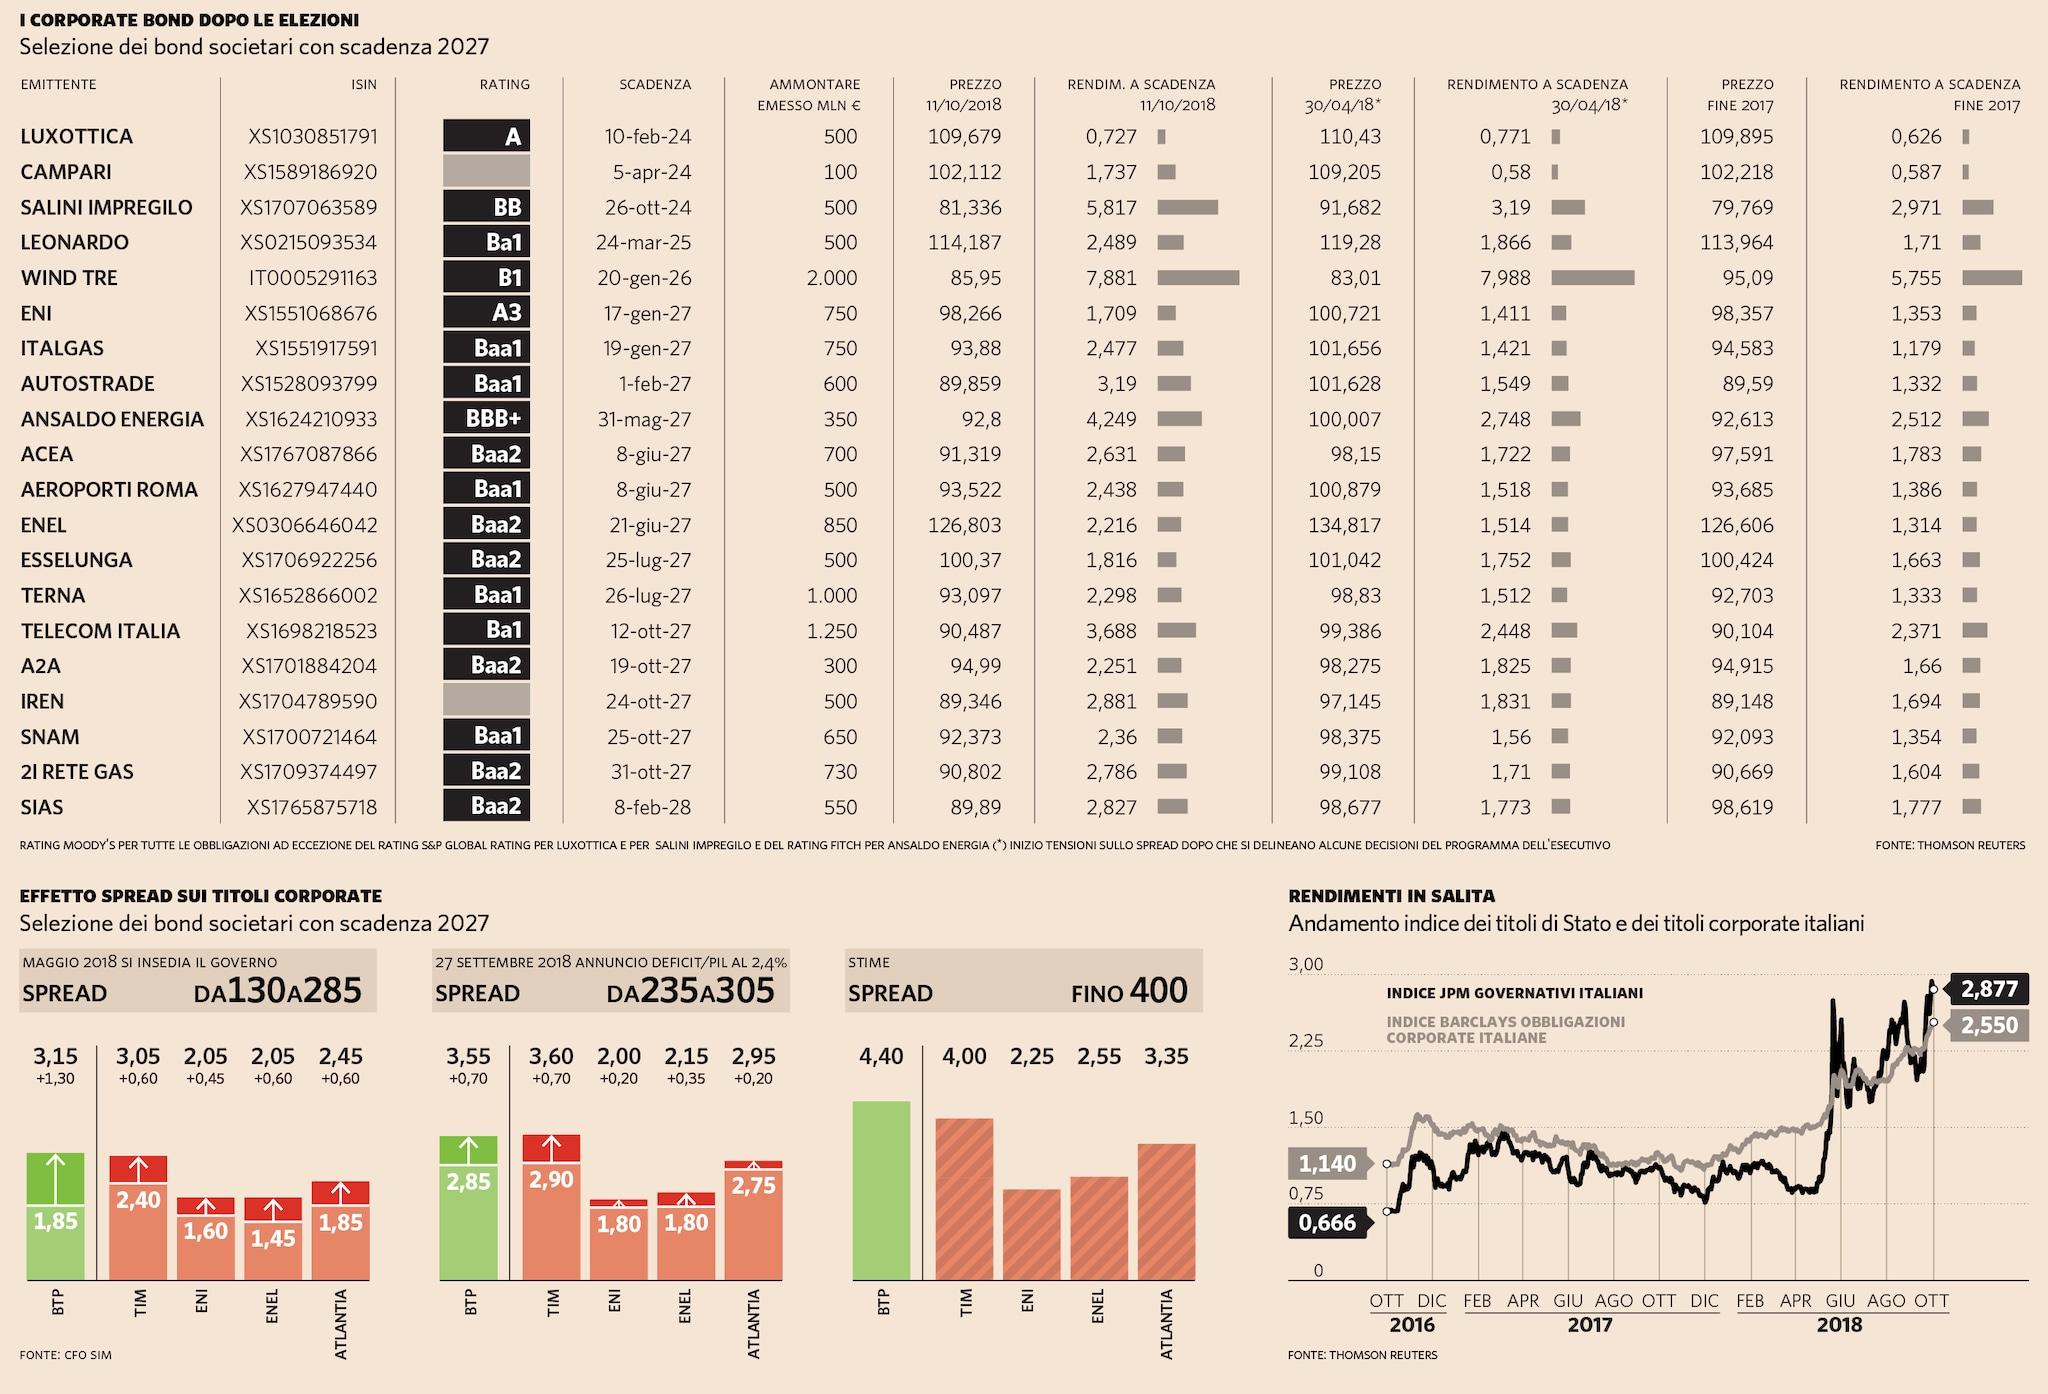 L'IMPATTO SUI CORPORATE DELLE AZIENDE ITALIANE DELLE TENSIONI SULLO SPREAD BTP-BUND